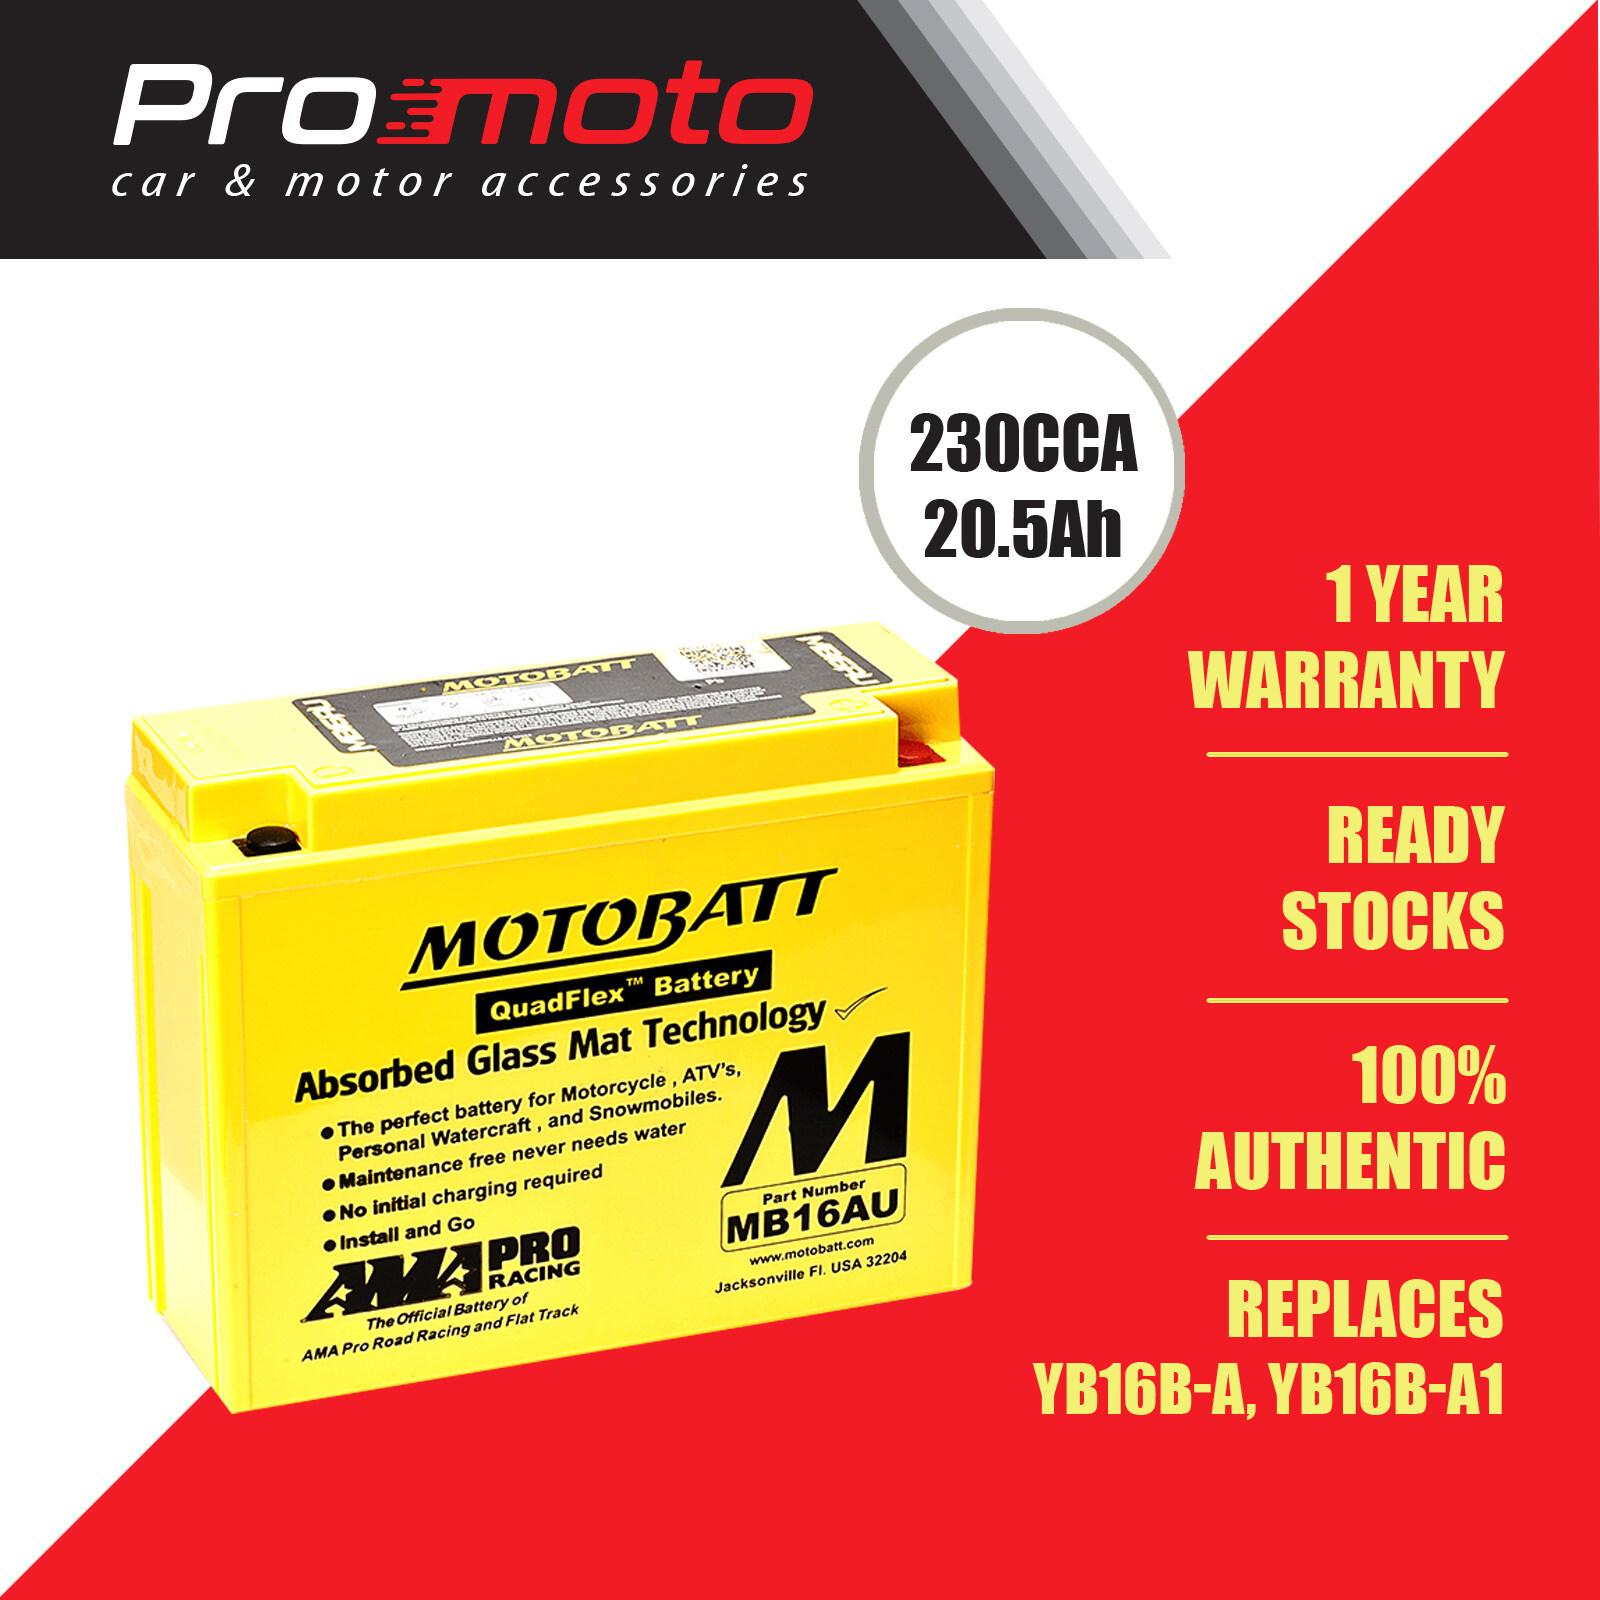 Motobatt Quadflex Battery MB16AU (FOR YAMAHA, DUCATI) (Replaces YB16B-A, YB16B-A1)